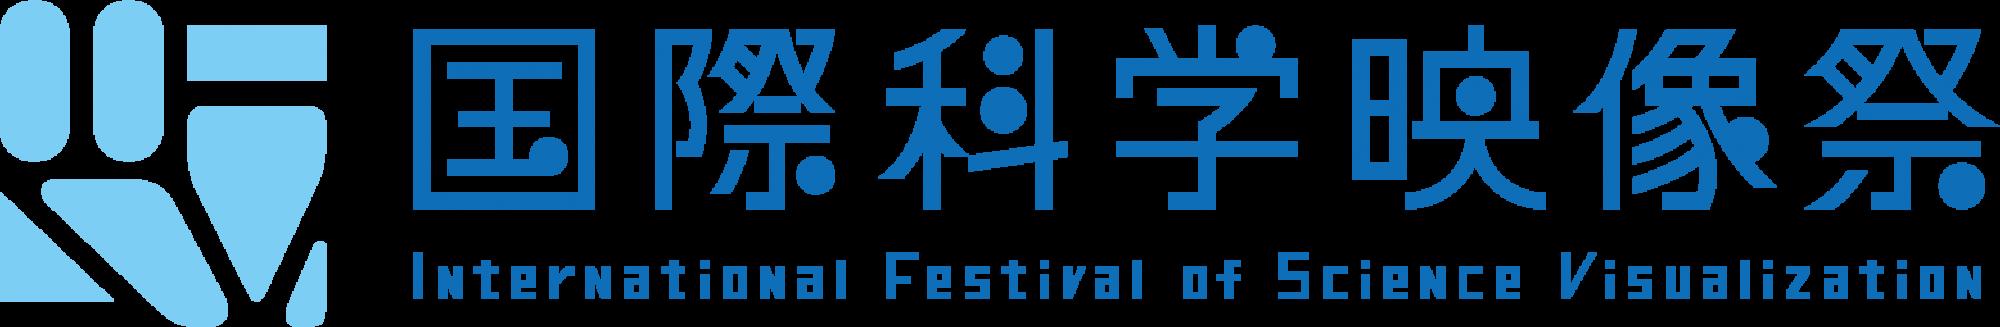 国際科学映像祭